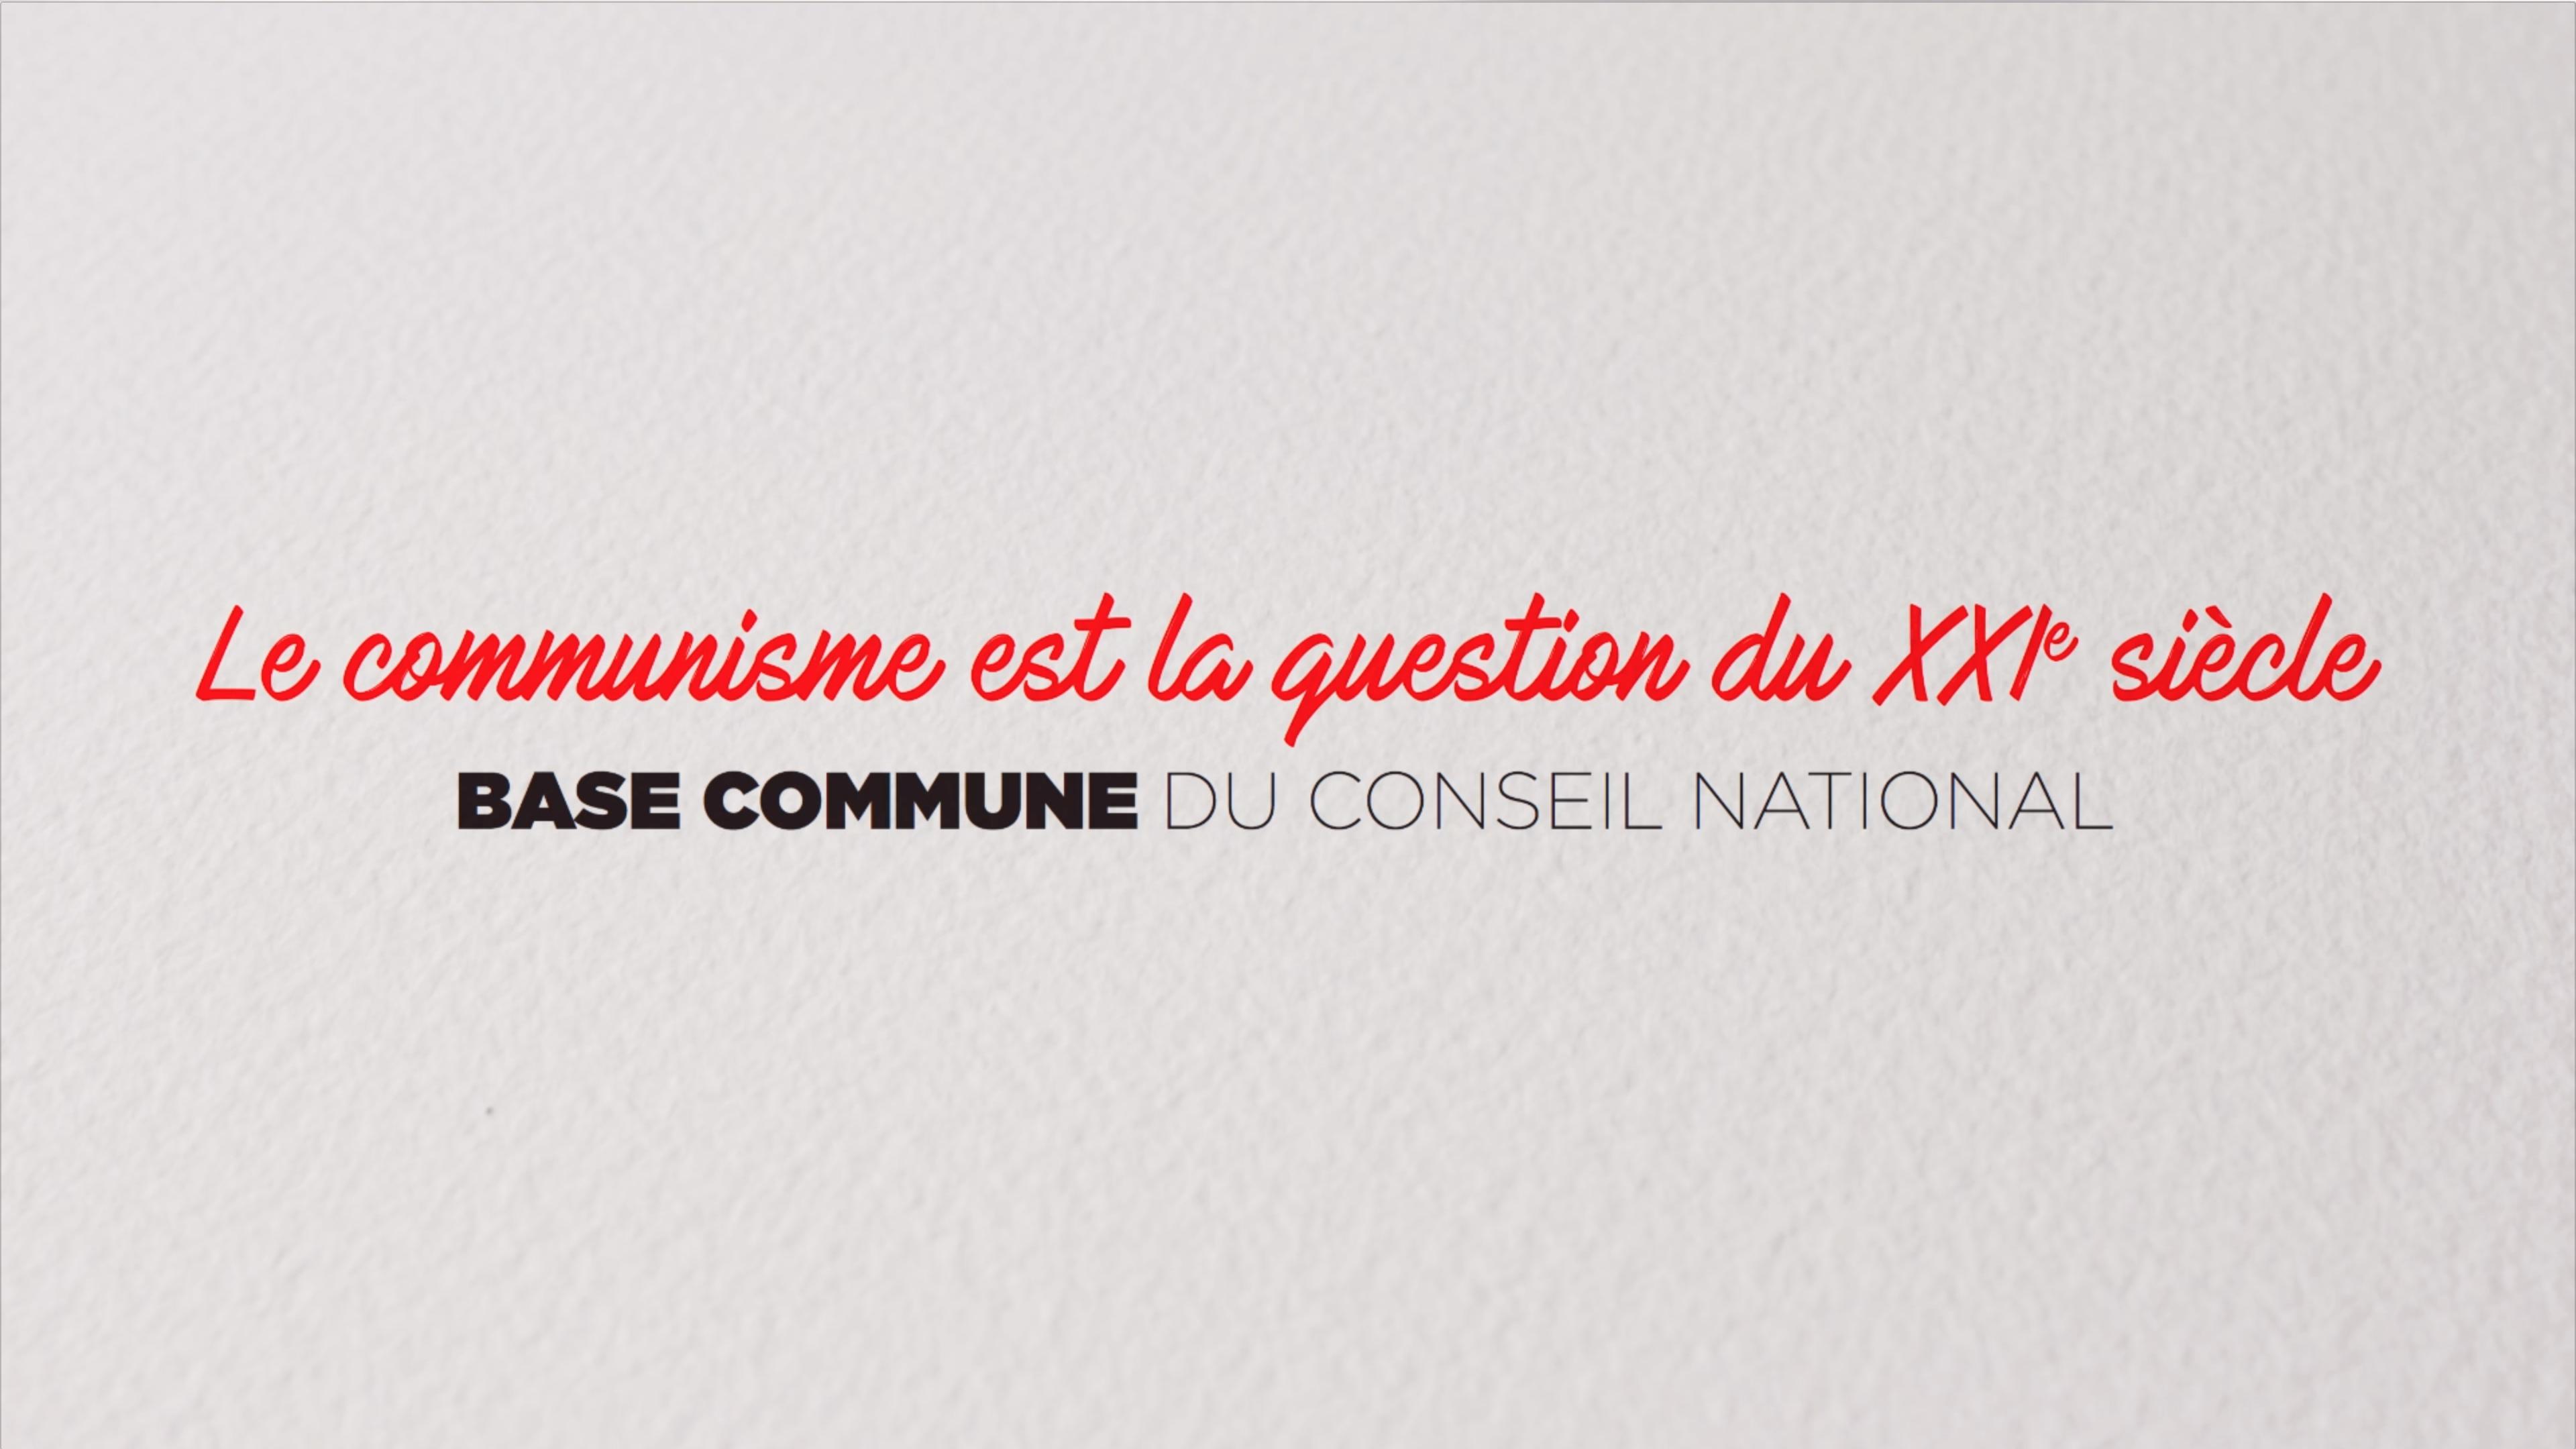 Le_communisme_est_la_question_du_XXIe_siècle.png